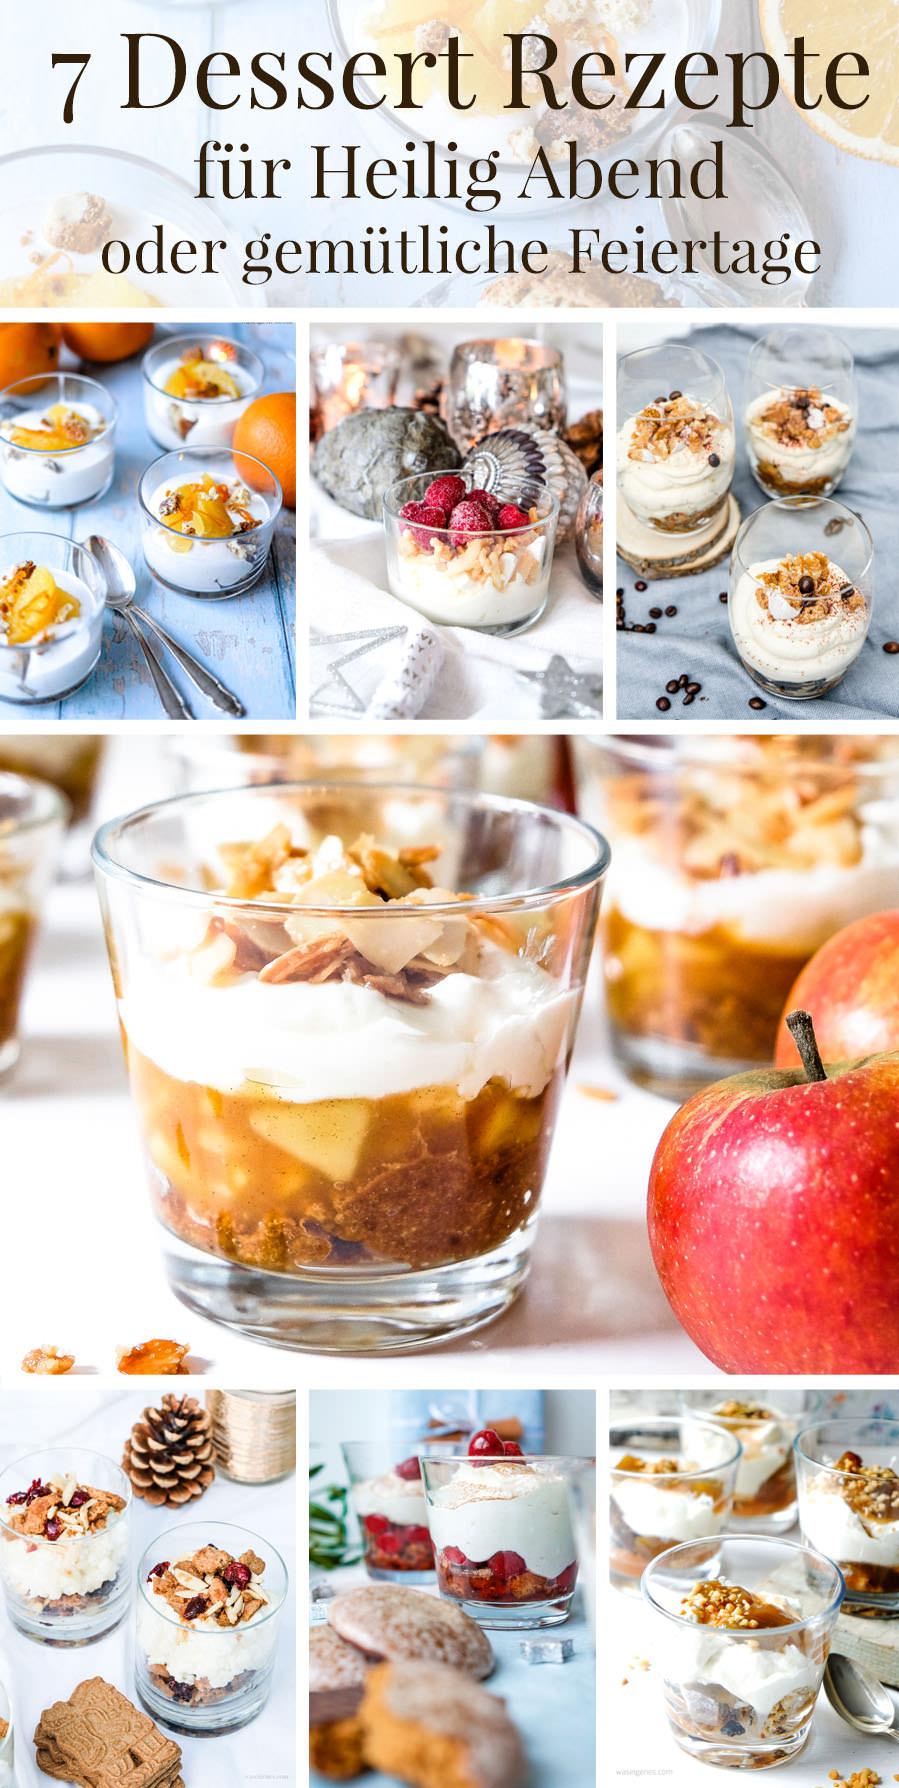 7 Dessert Rezepte für Heiligabend und Weihnachten von was eigenes